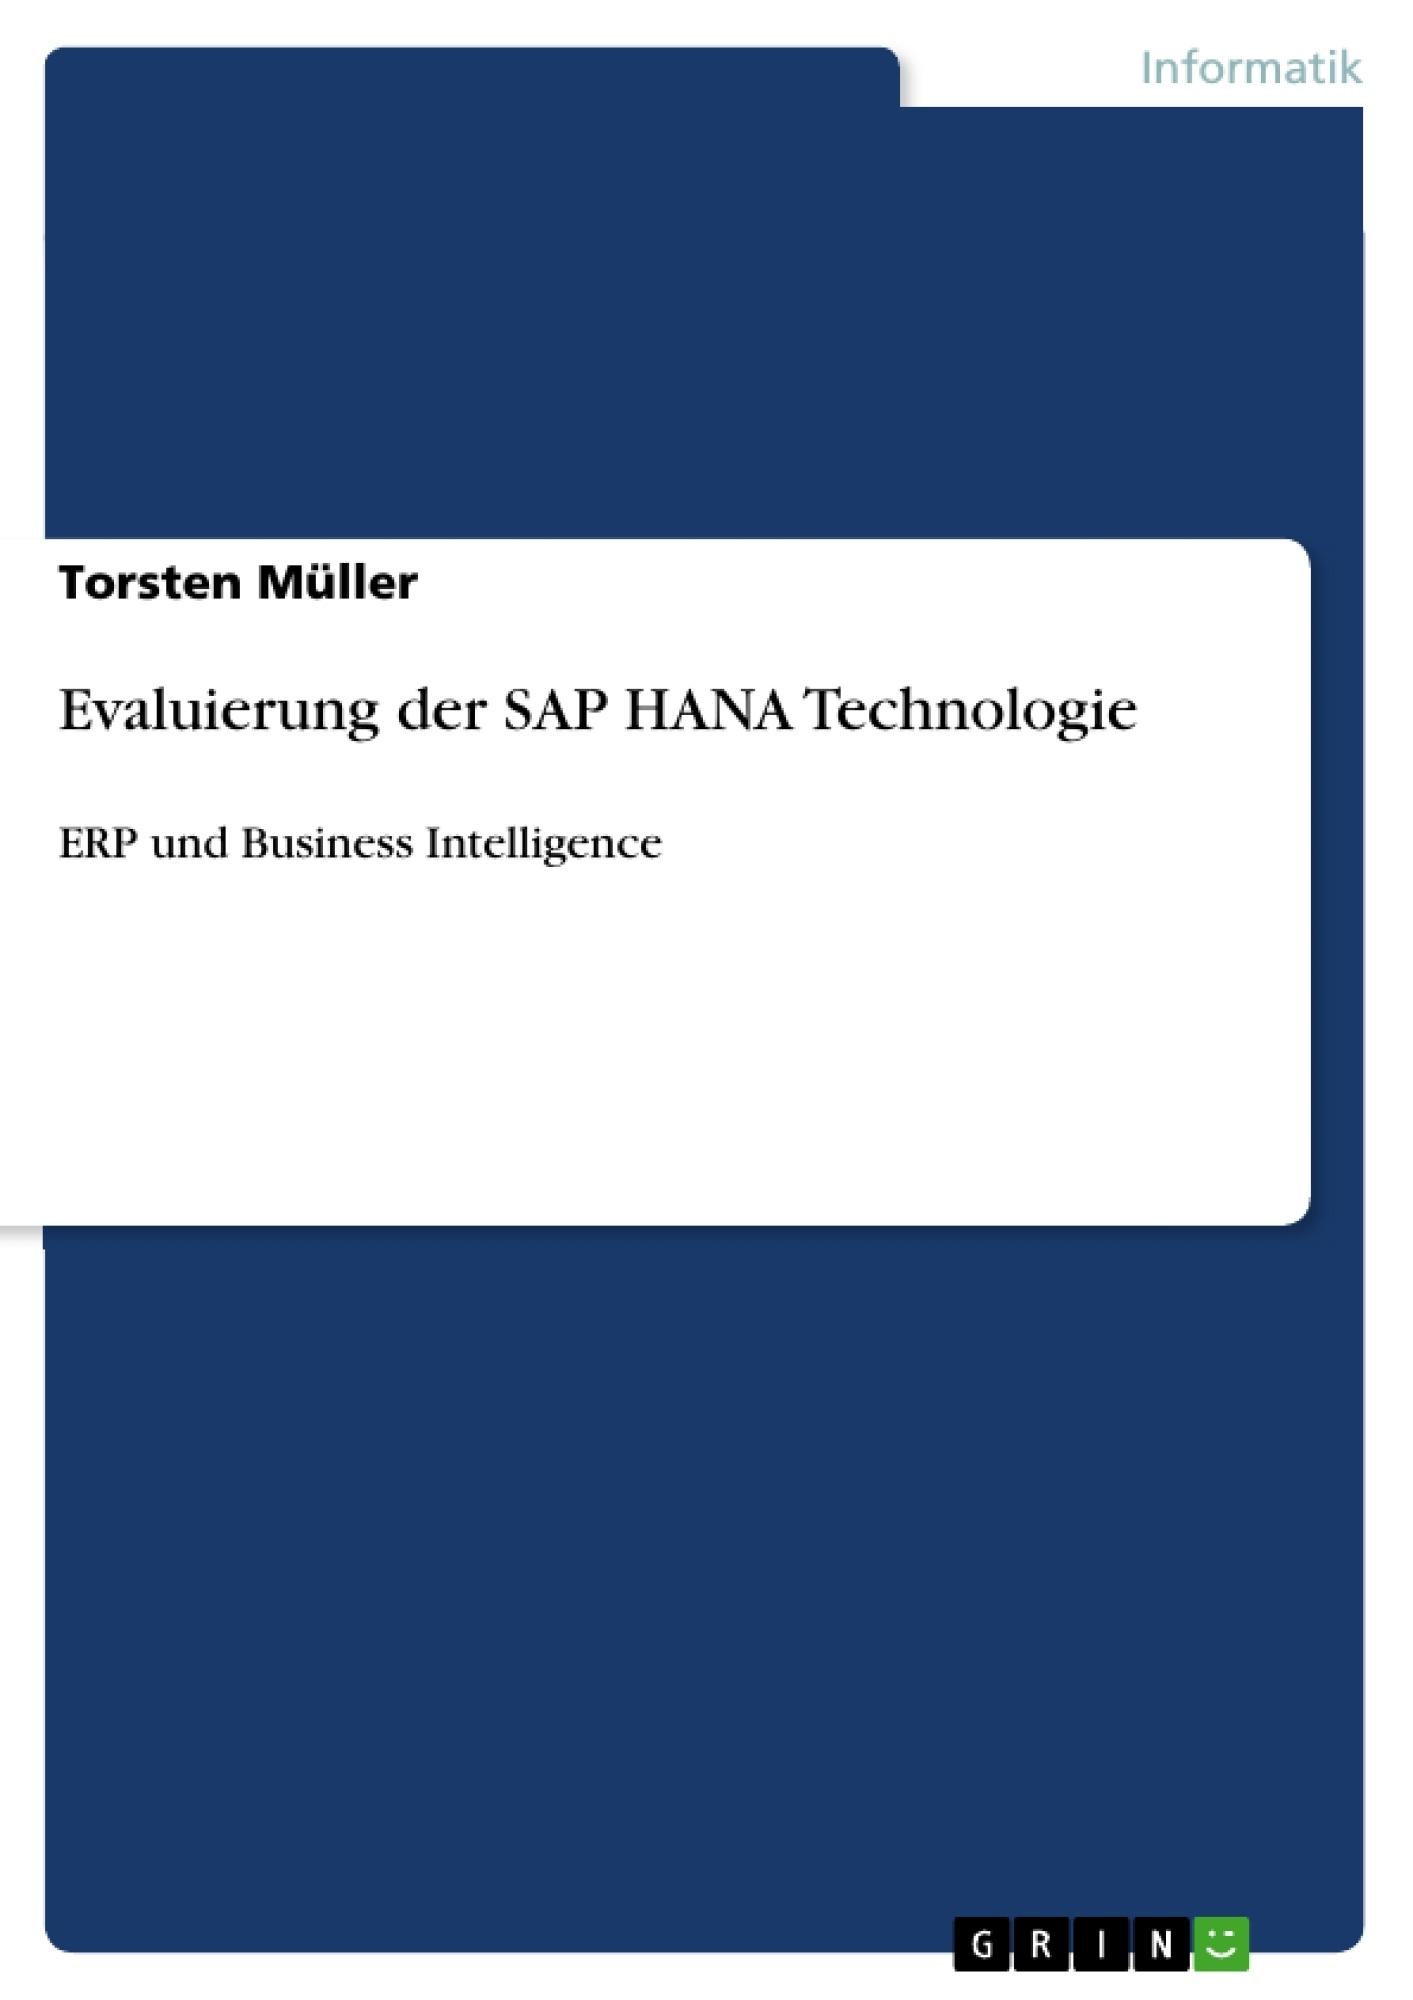 Titel: Evaluierung der SAP HANA Technologie